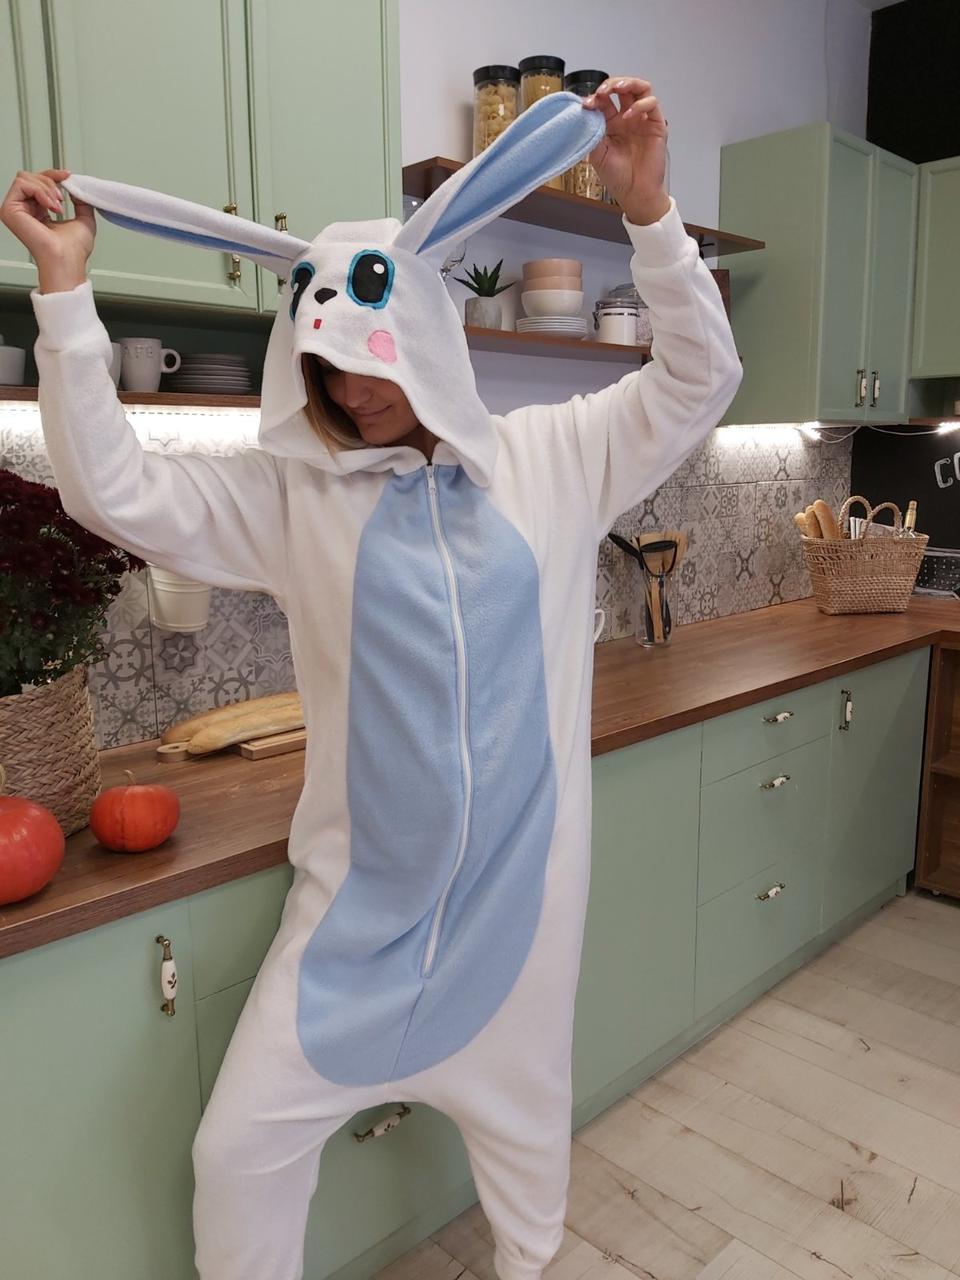 Пижама Кигуруми Заец есть все размеры Украинское производство Размер 155-180 см